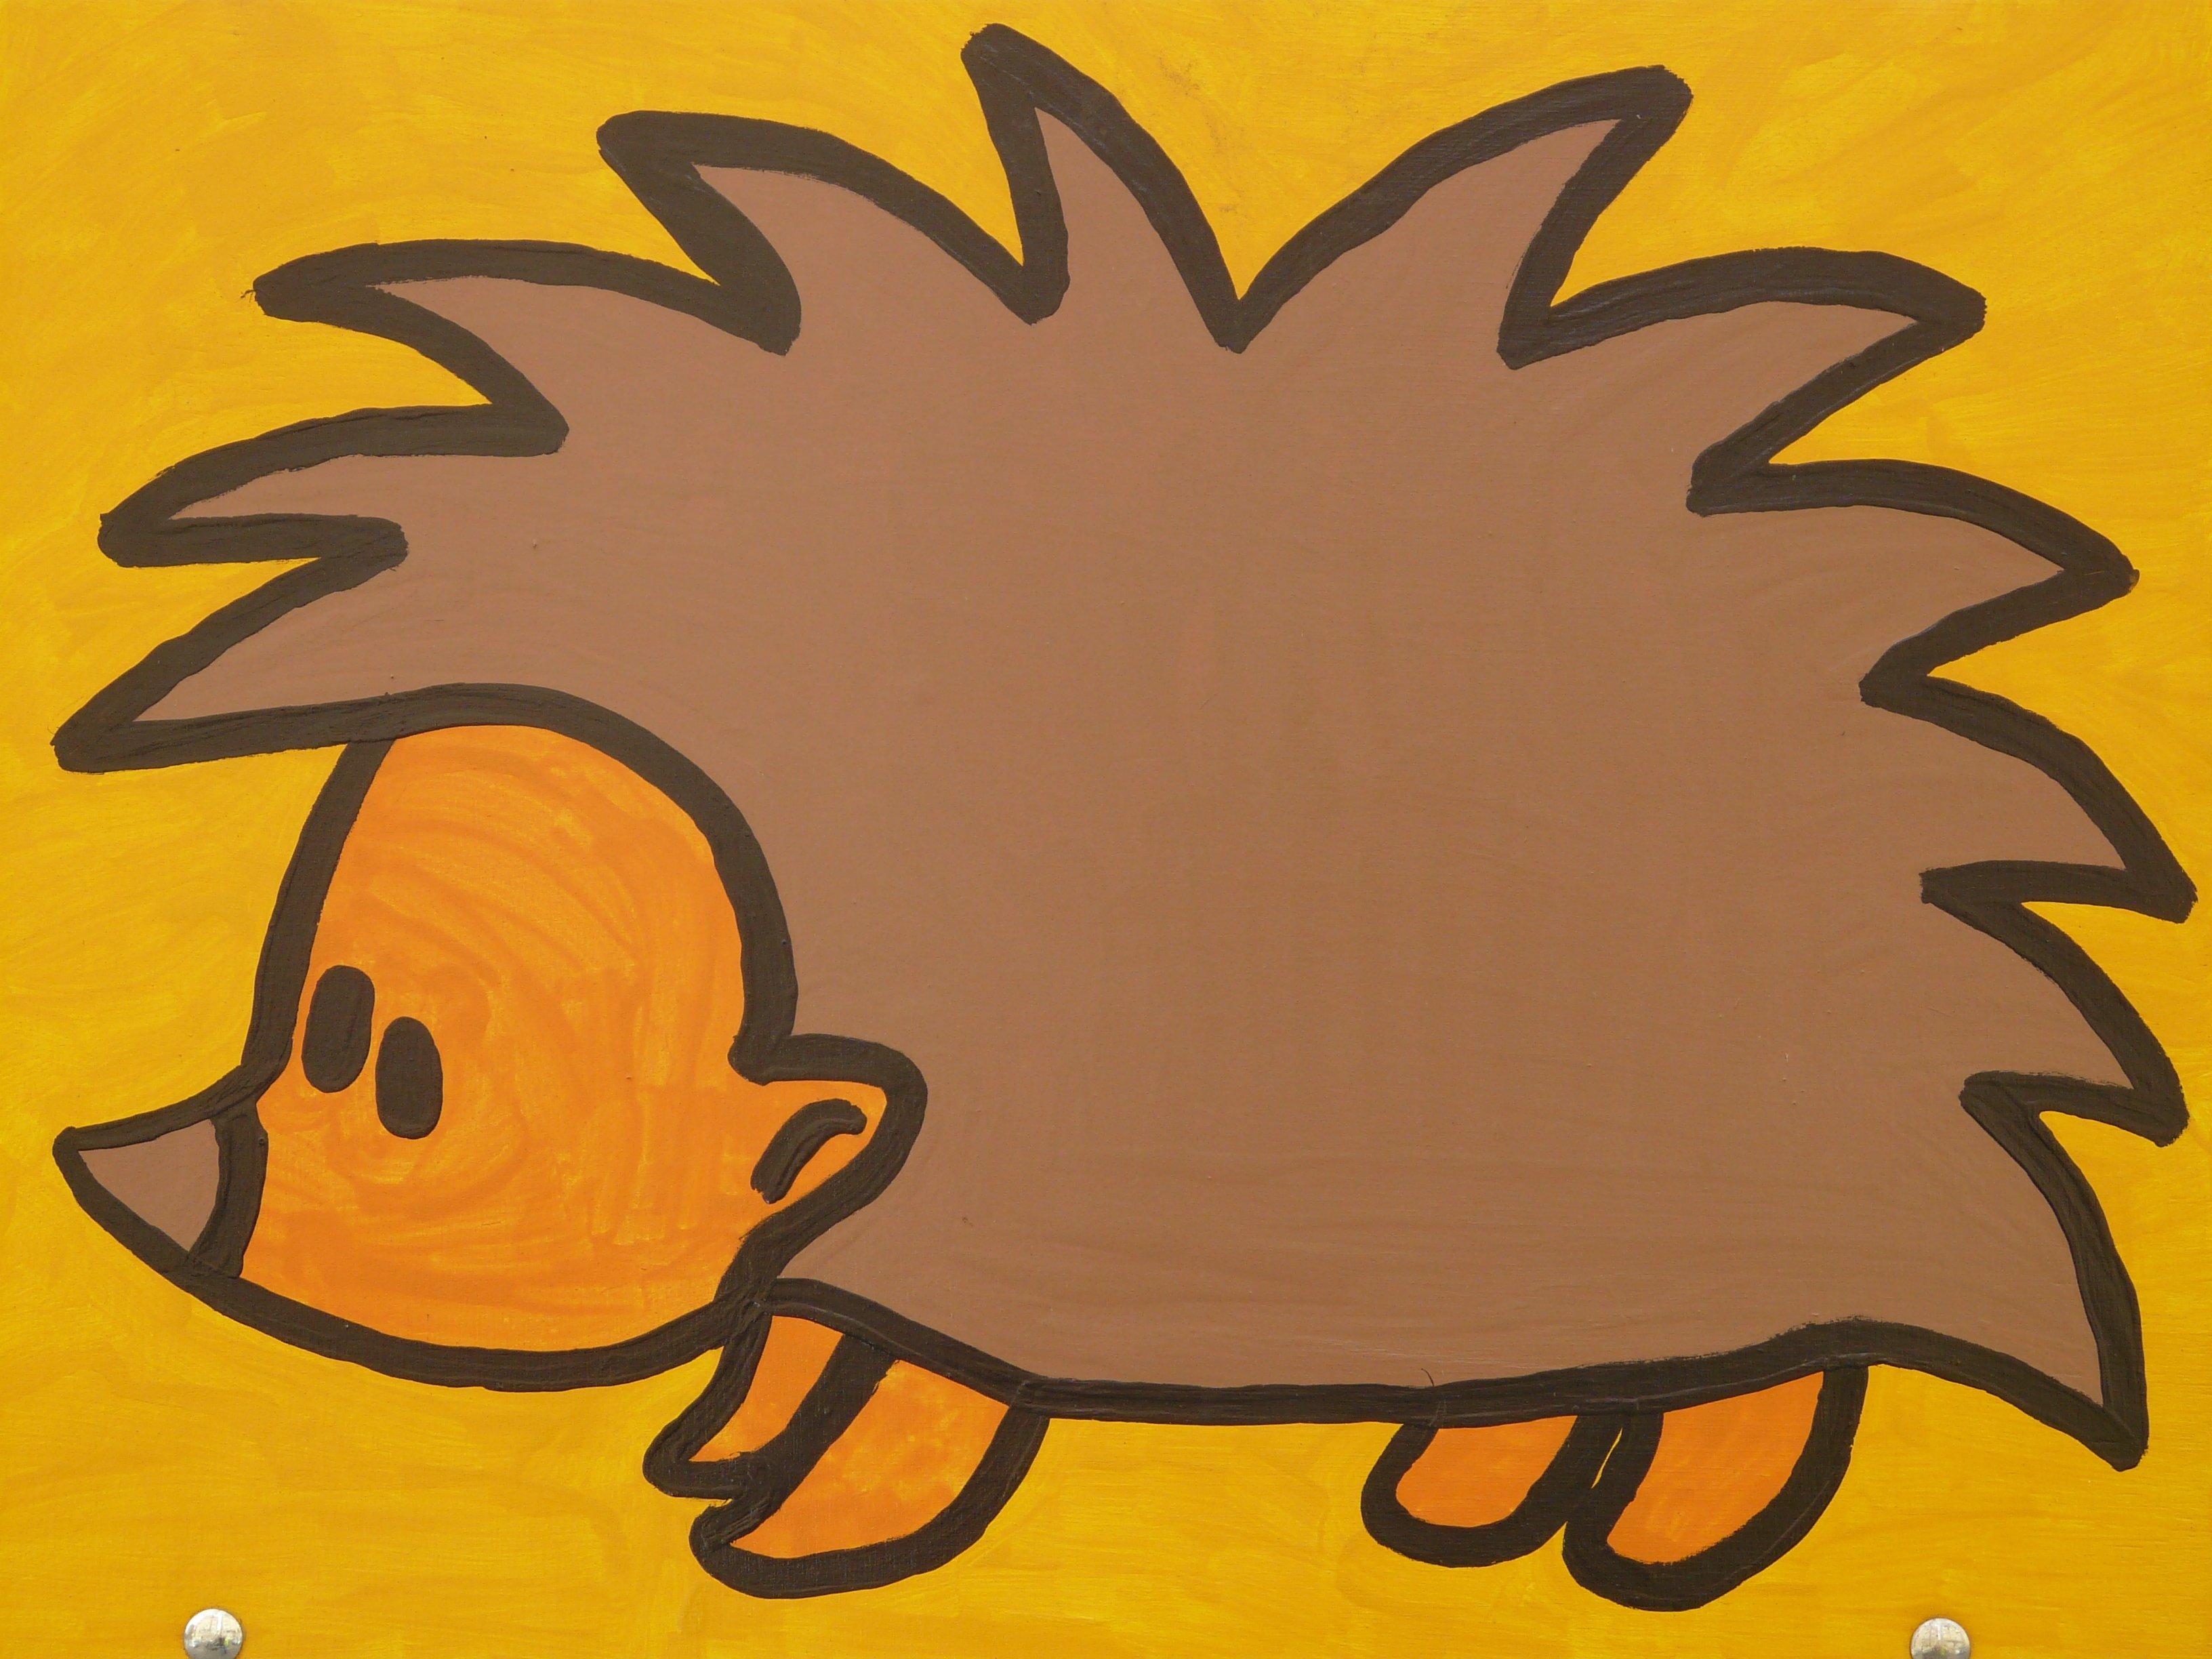 Gambar Hewan Kuning Seni Angka Sketsa Ilustrasi Landak